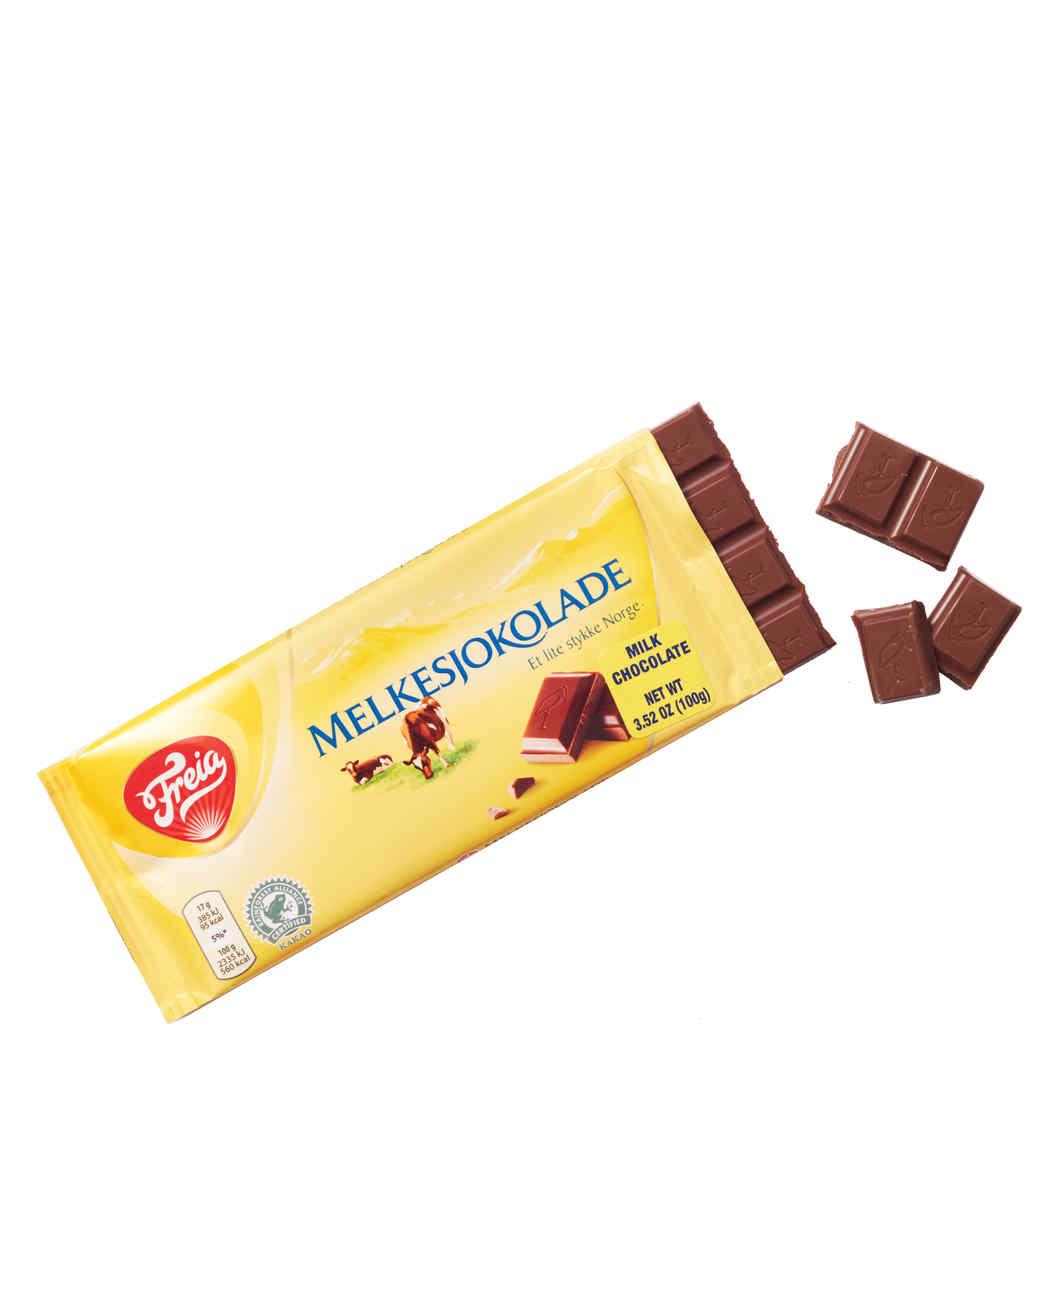 freia-chocolate-030-d112570.jpg